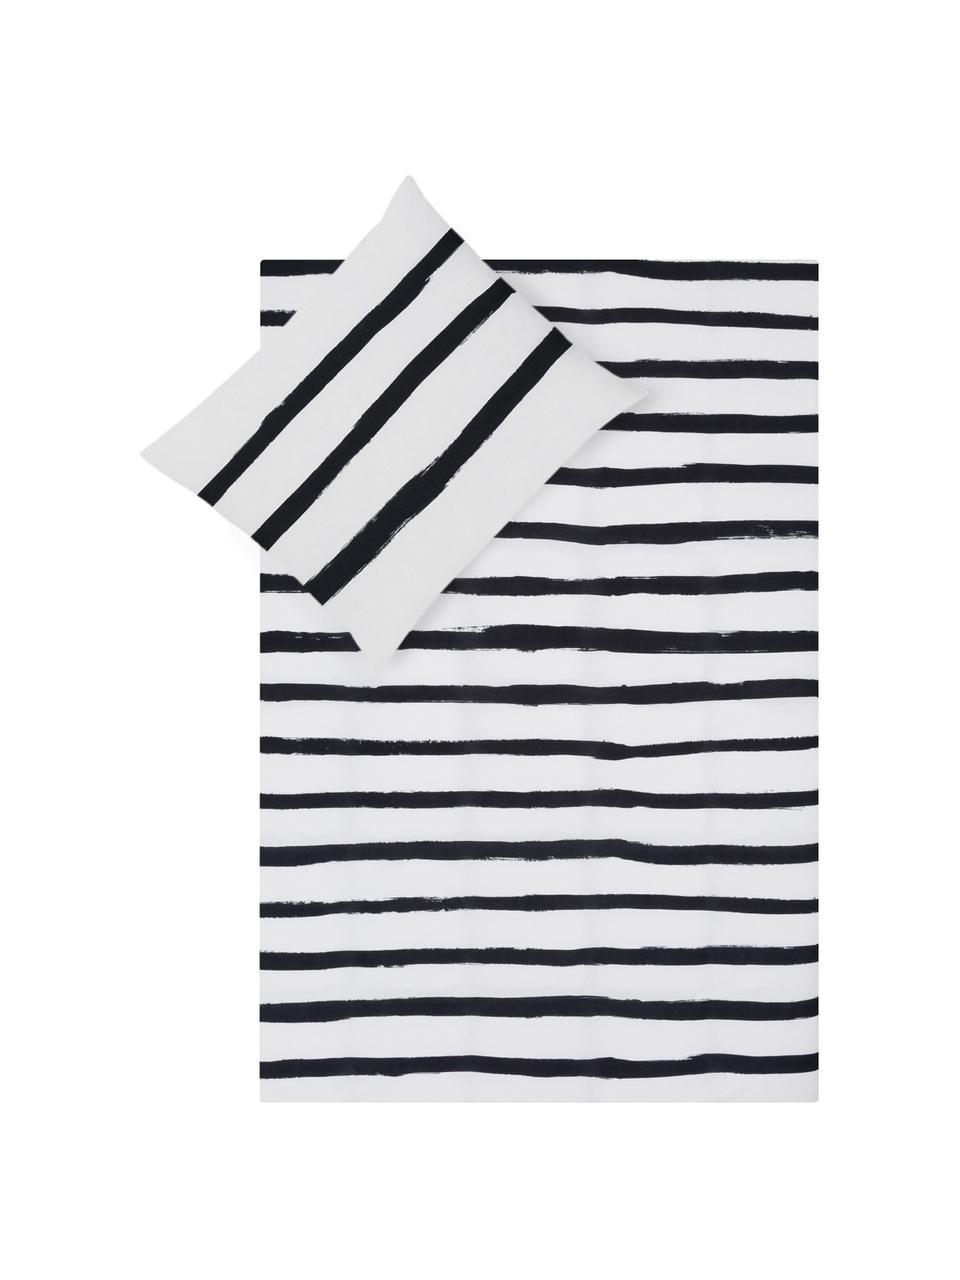 Dubbelzijdig dekbedovertrek Stripes, Katoen, Bovenzijde: wit, zwart. Onderzijde: wit, 140 x 200 cm